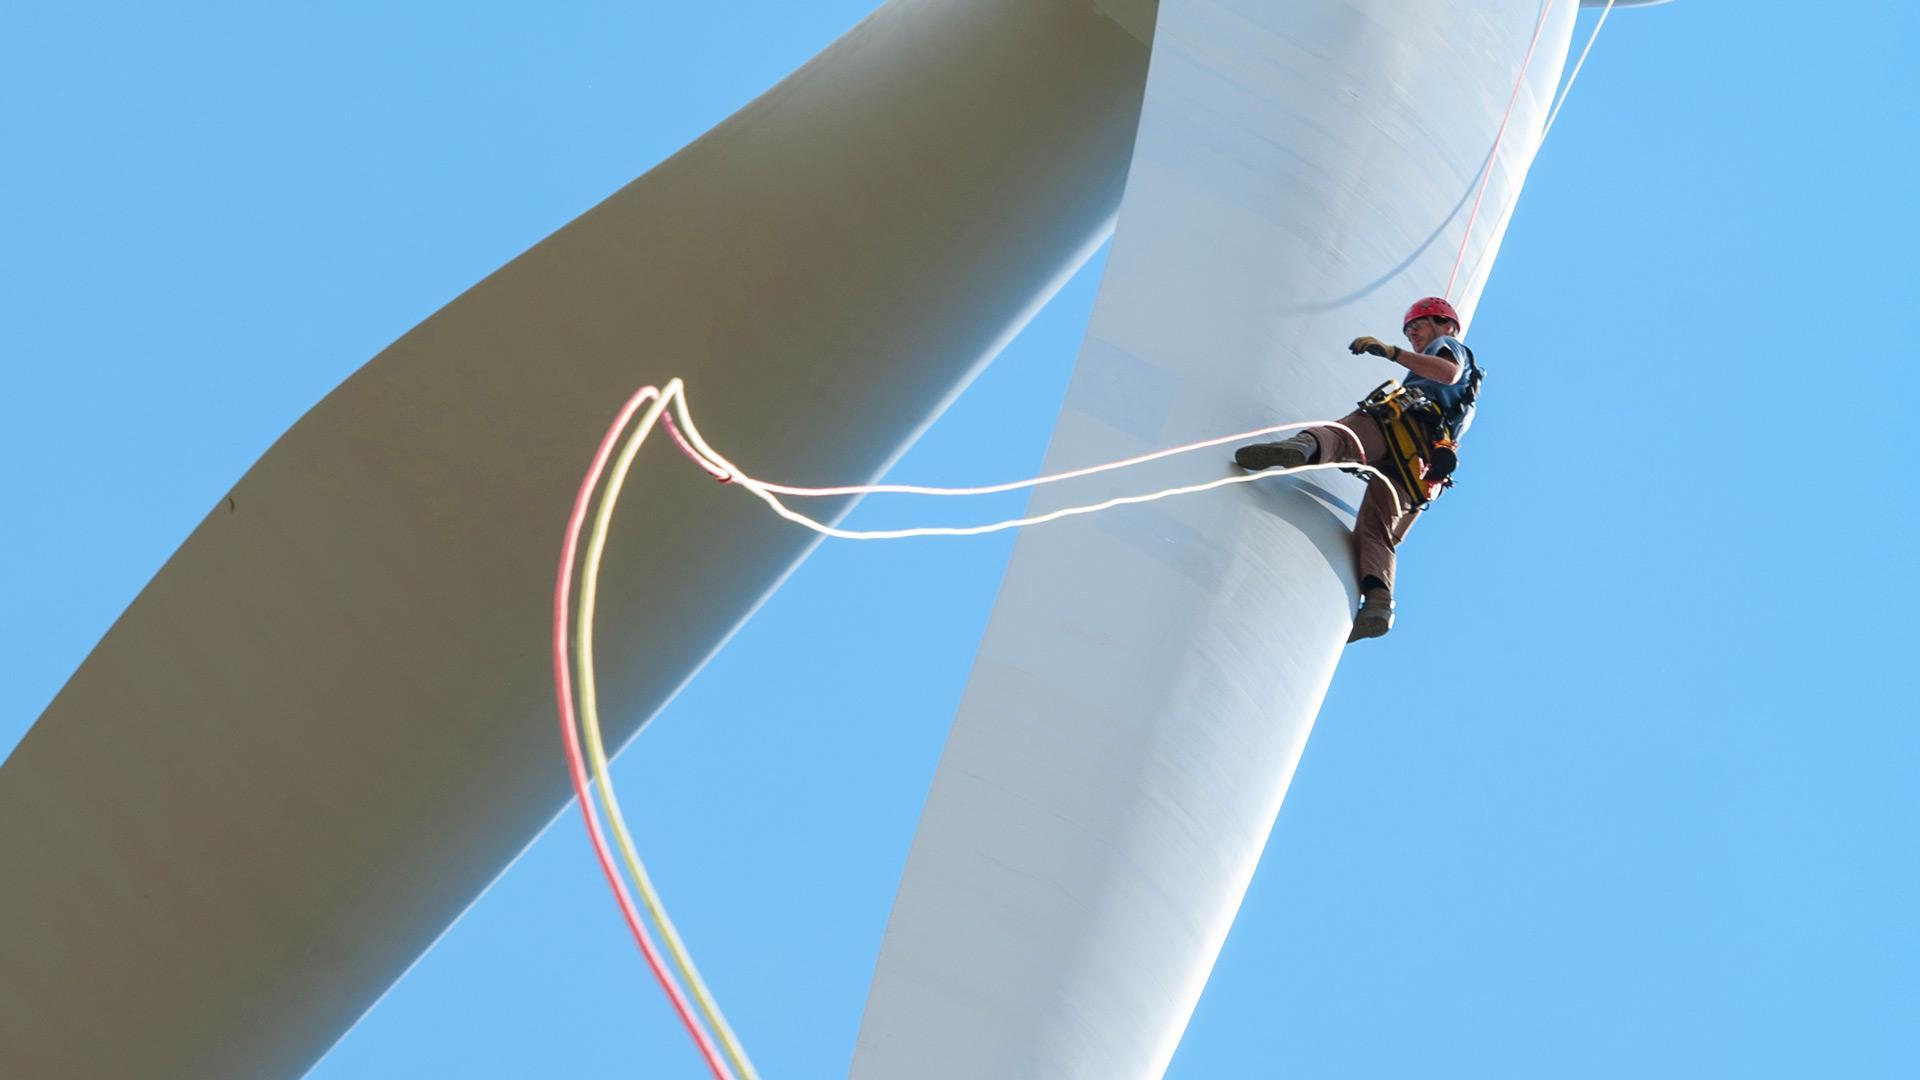 Worker rapelling down a wind turbine blade